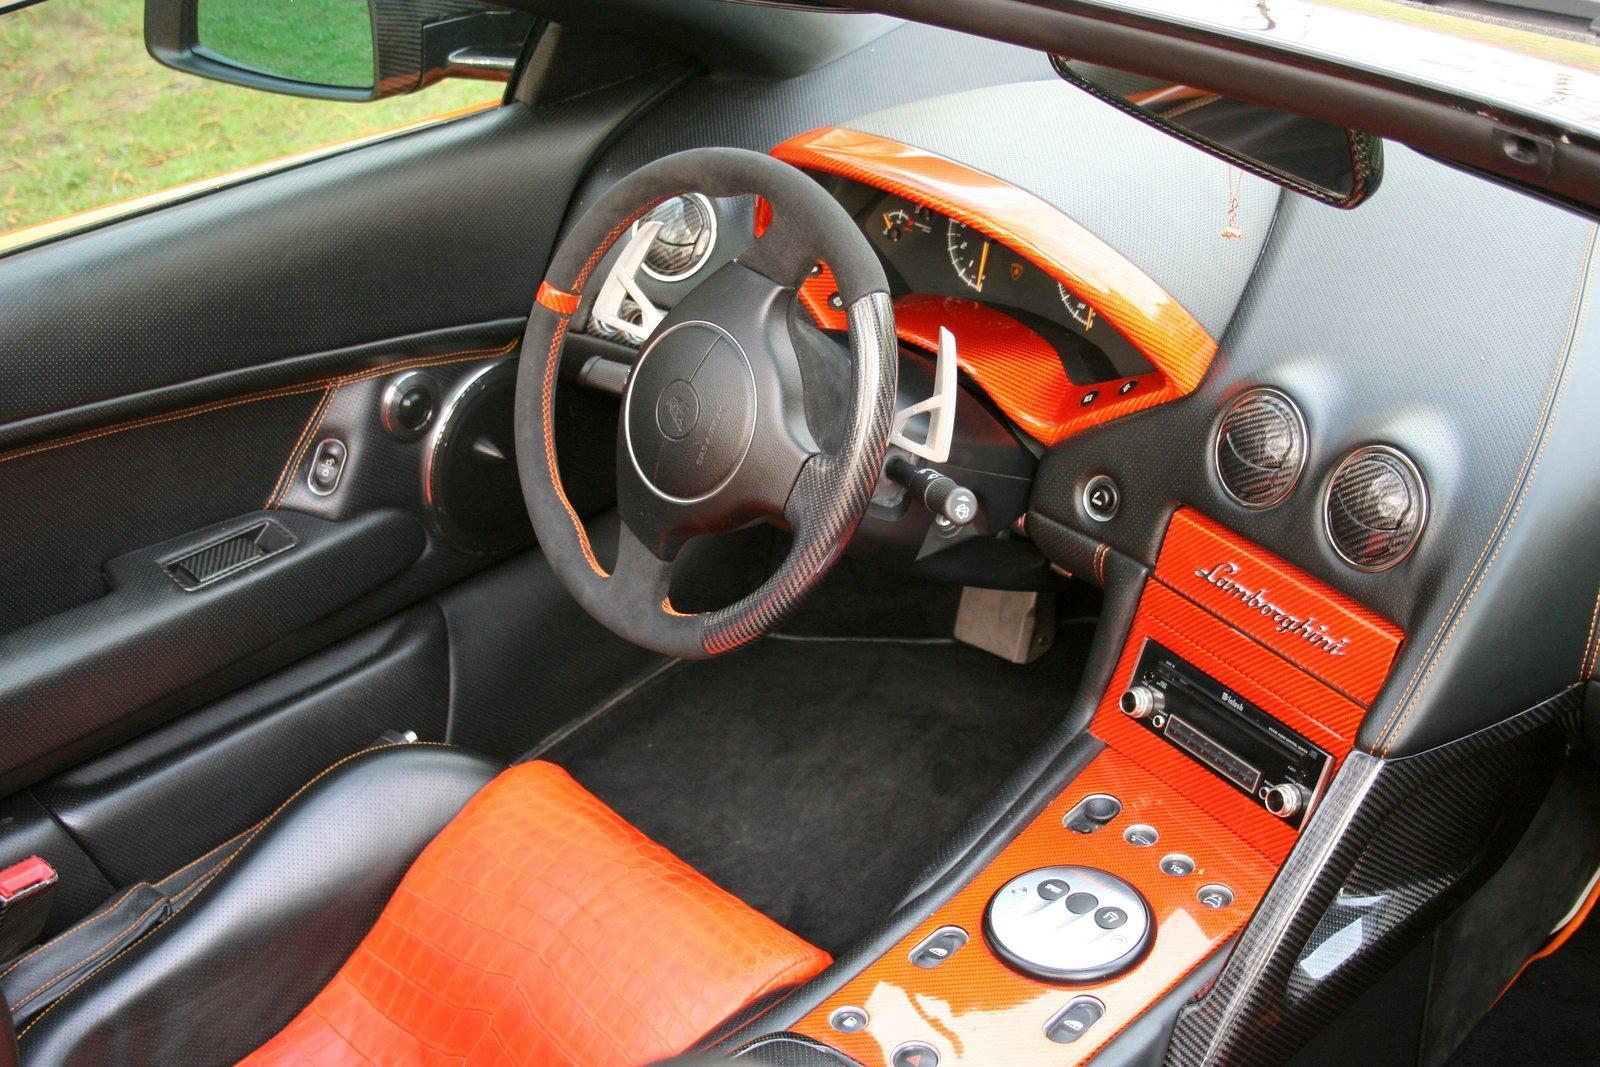 Lamborghini Gallardo Ugr Twin Turbo Black 350 Km H Hd